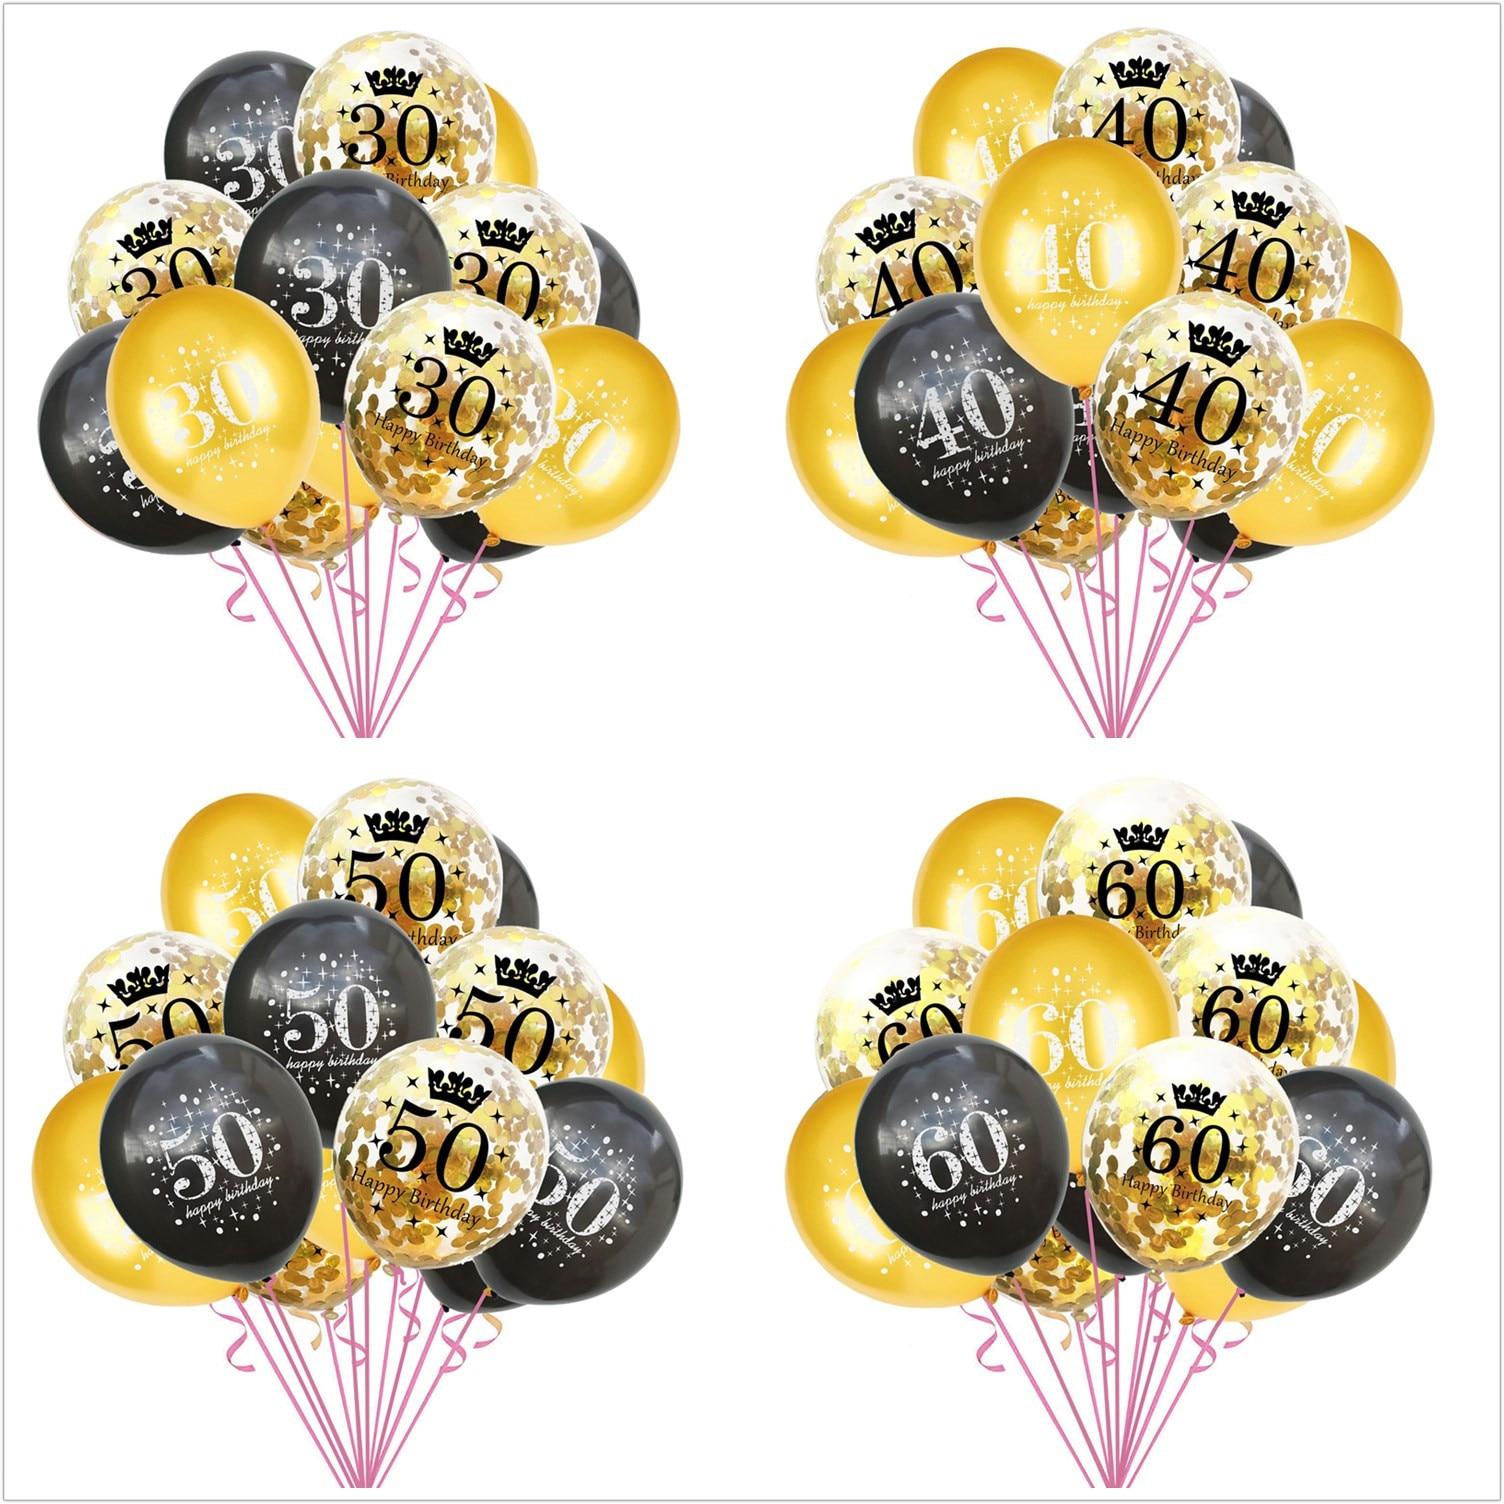 Ballon avec confettis en Latex métallique, 12 pouces, 16, 18, 30, 40, 50, 60, 70, 80, 90 ans, 15, pièces/ensemble, fournitures de fête, joyeux anniversaire